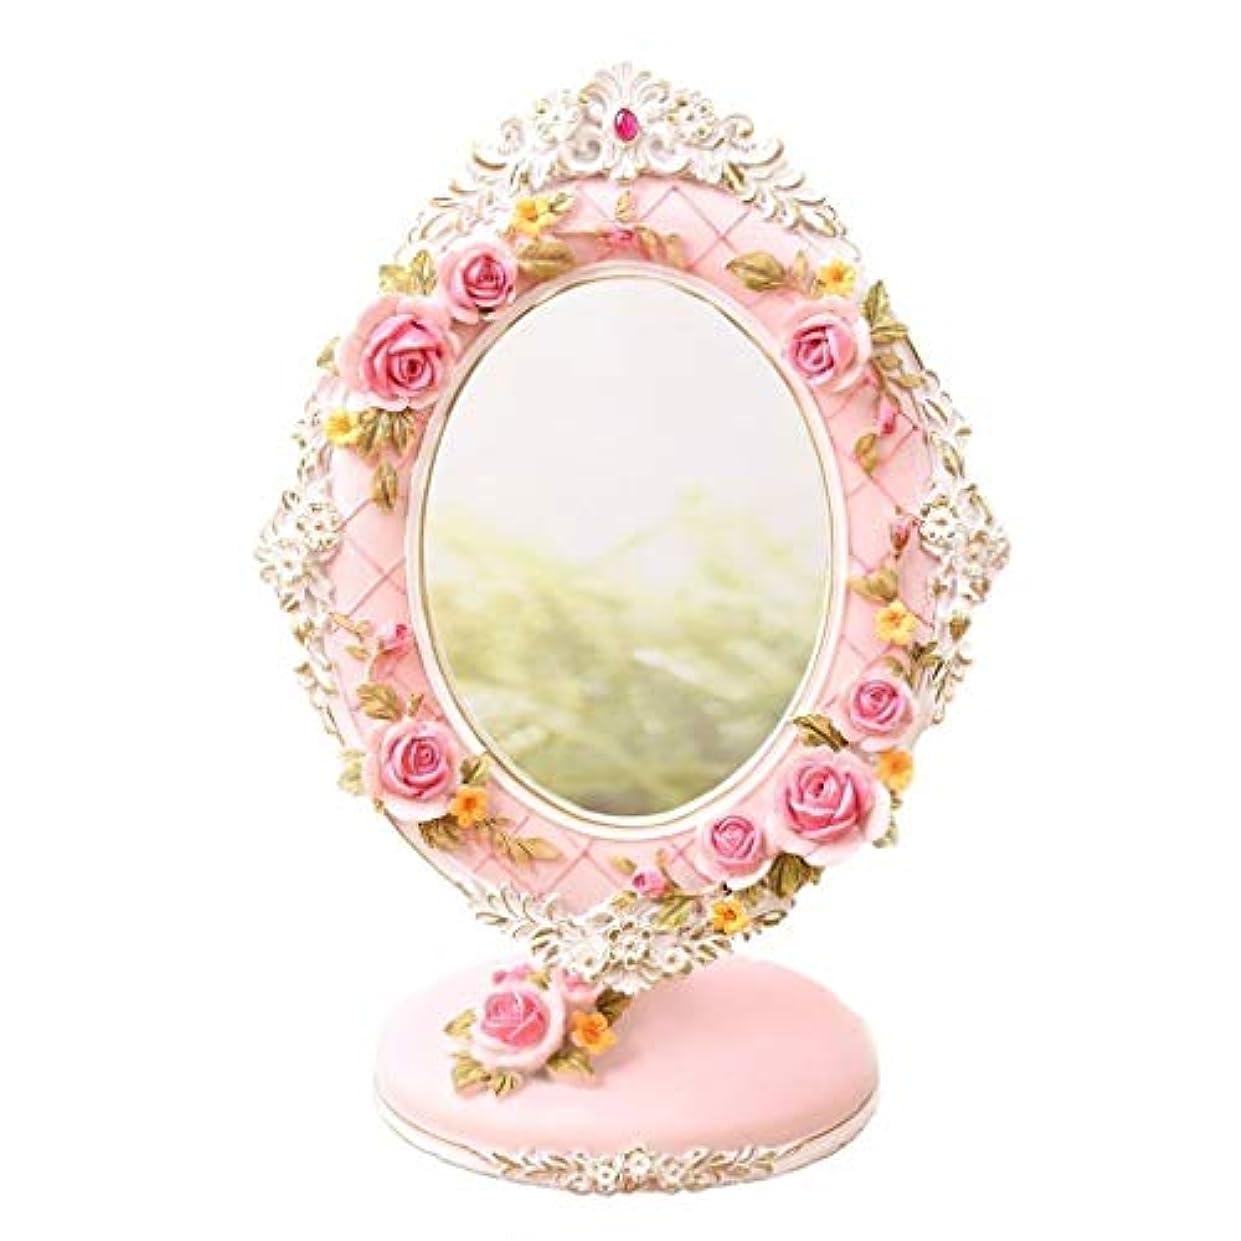 休日にくさび確保するSelm 化粧のためのデスクトップミラー、自然光72度回転自立化粧台ベッドルームに適し、バラの彫刻